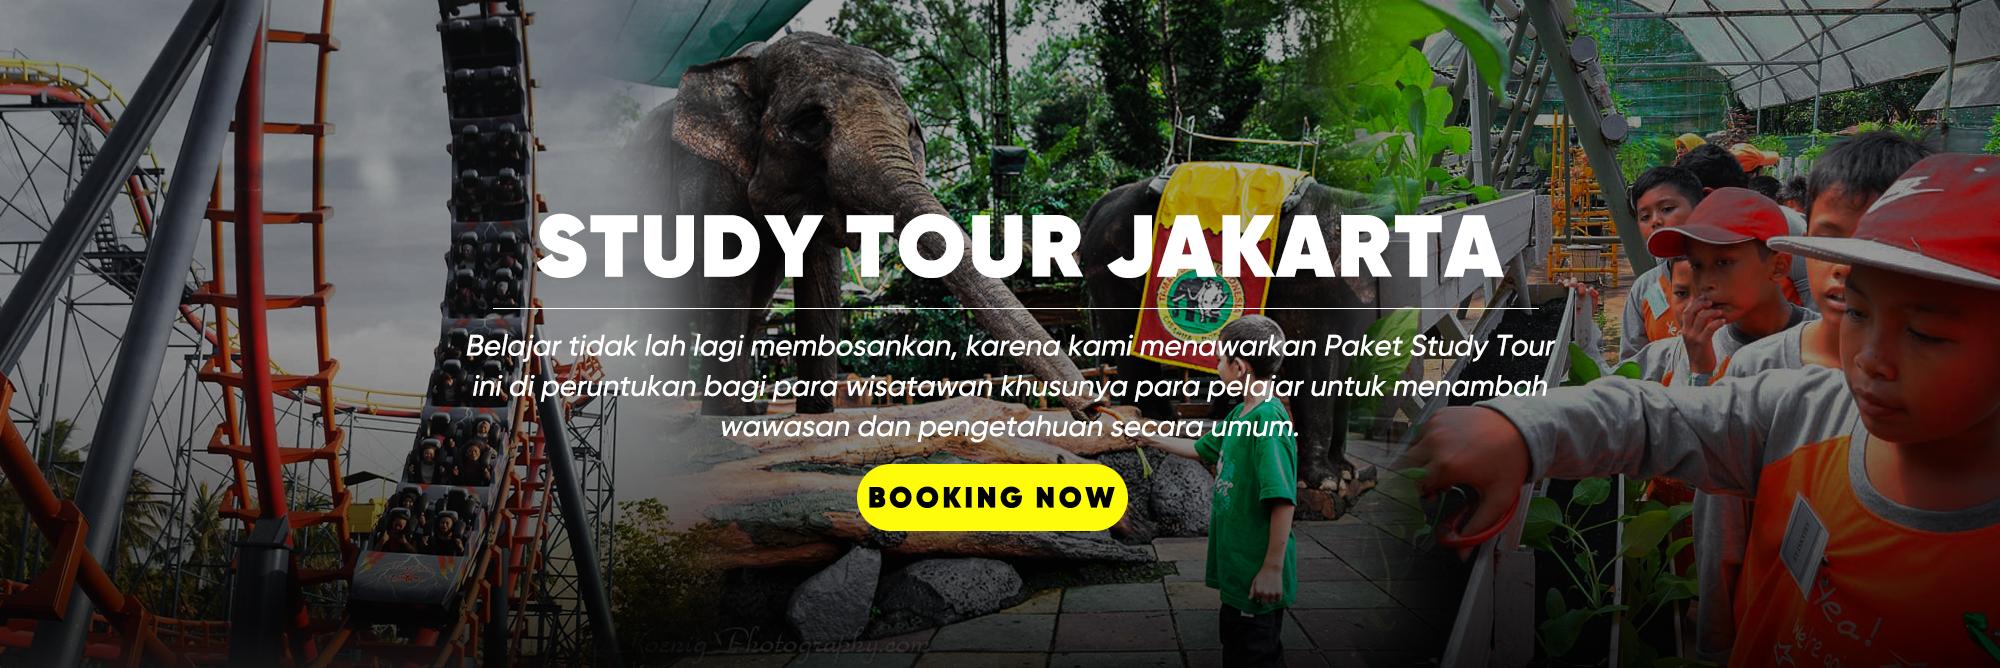 PAKET STUDY TOUR